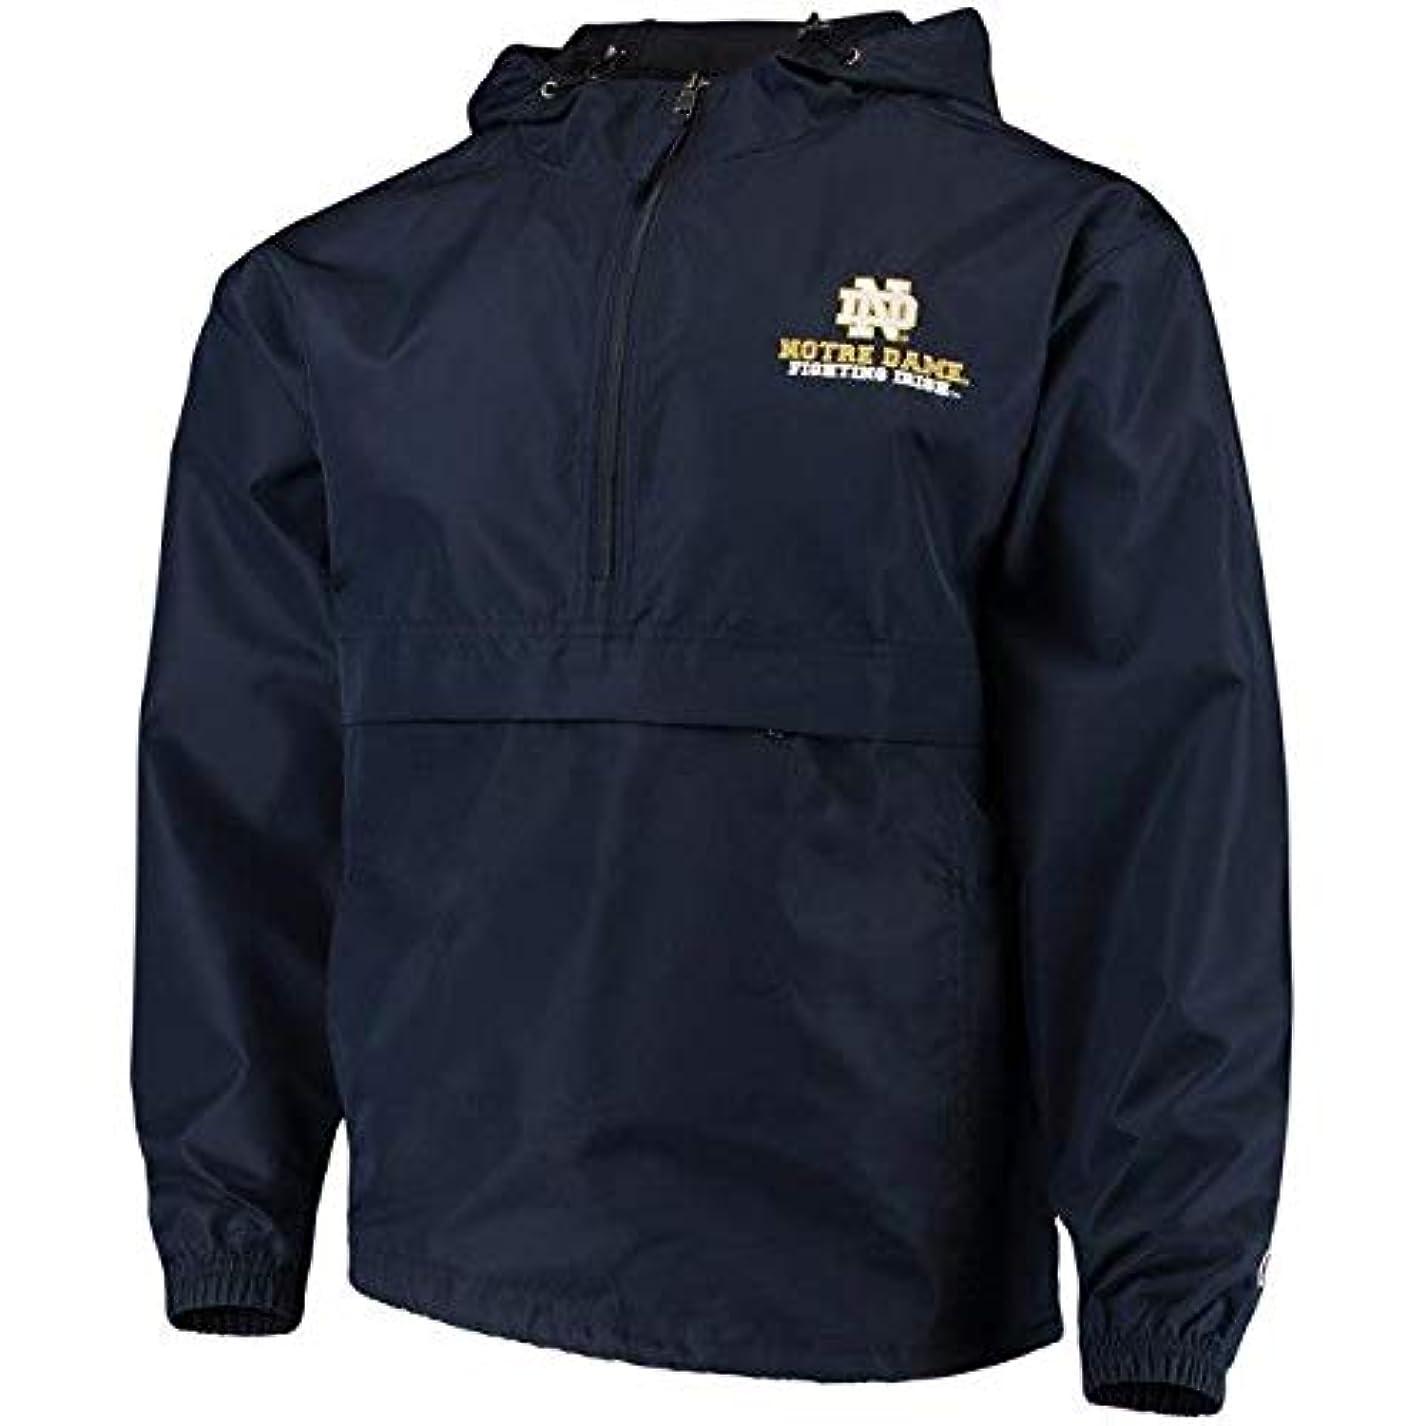 うれしい効能故障中Champion Champion Notre Dame Fighting Irish Navy Packable Jacket スポーツ用品 【並行輸入品】